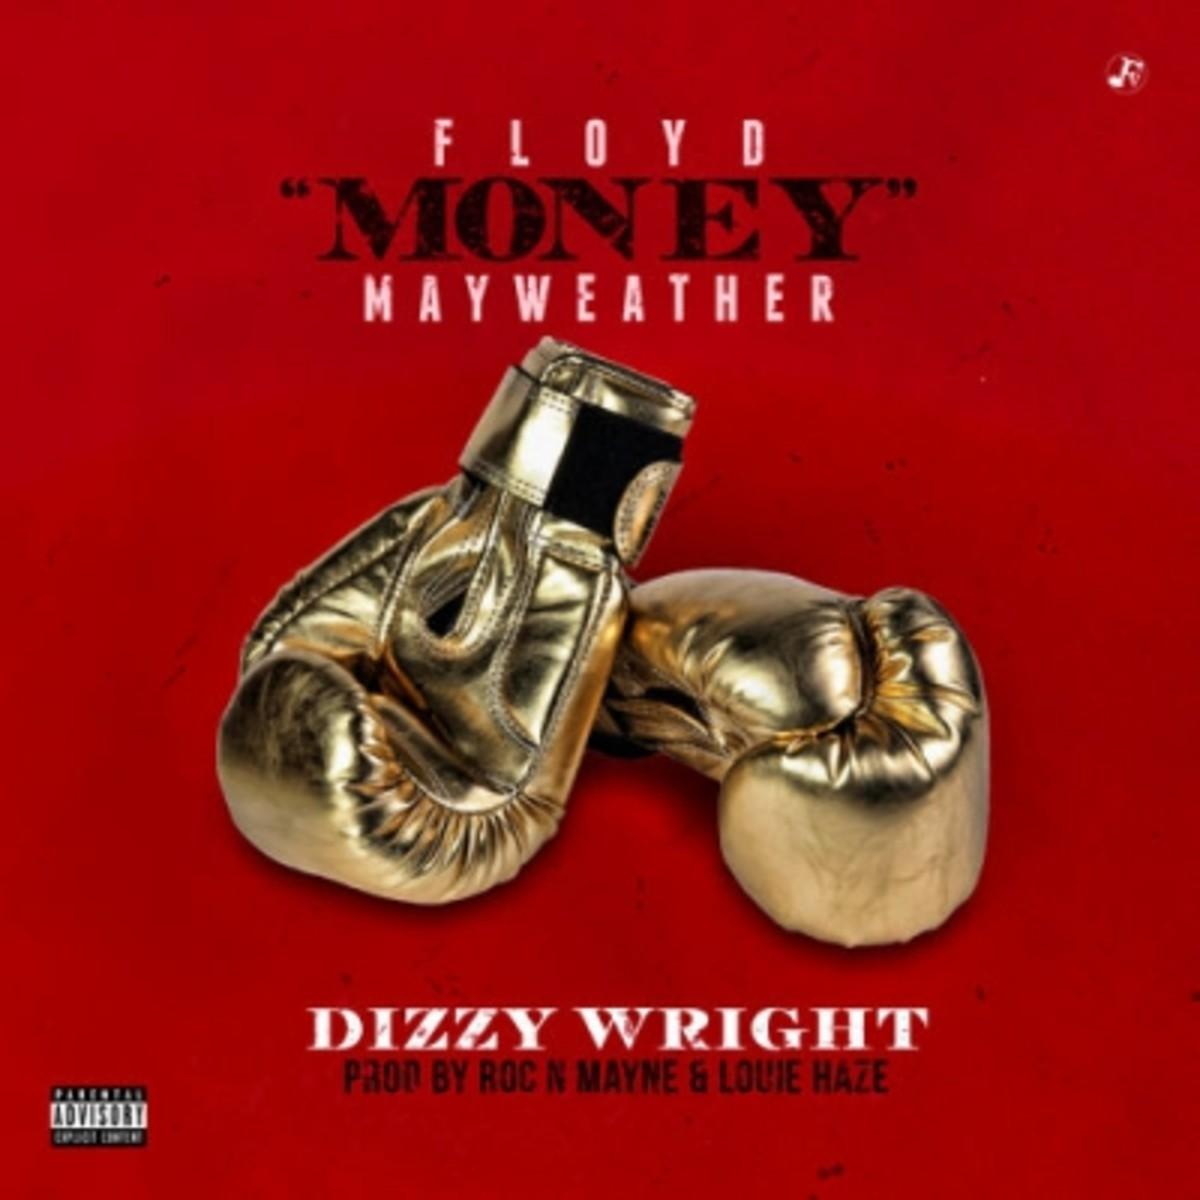 dizzy-wright-floyd-money-mayweather.jpg